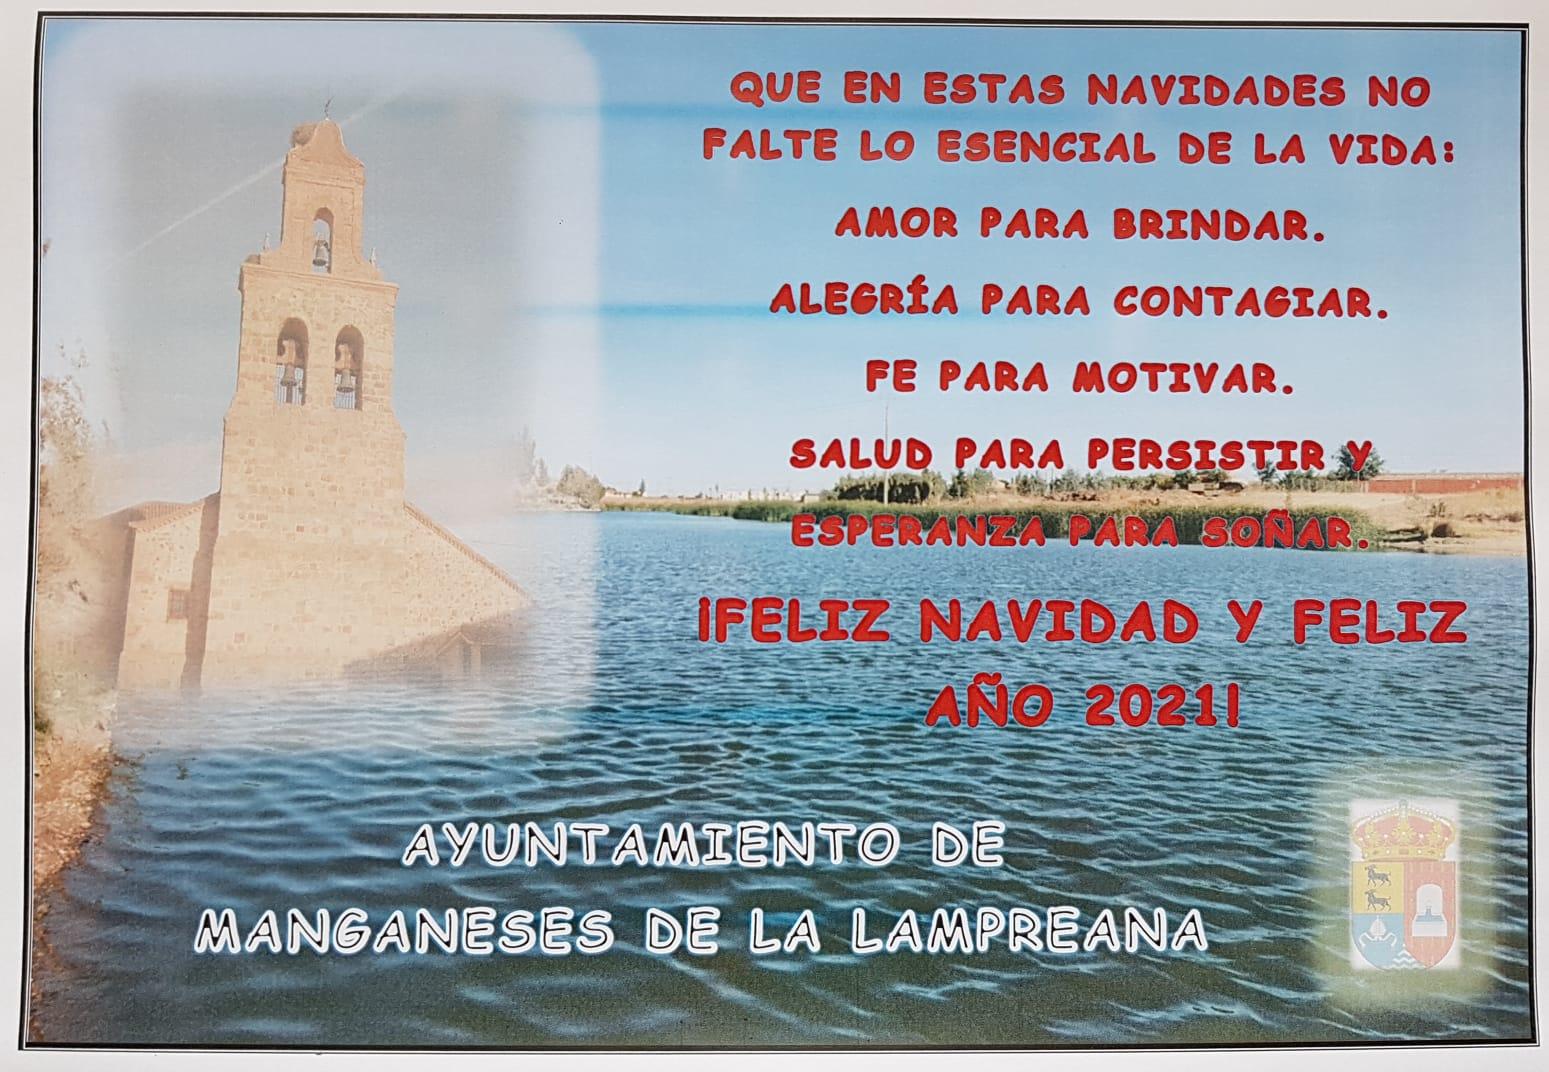 FELIZ NAVIDAD Y FELIZ AÑO 2021. AYUNTAMIENTO DE MANGANESES DE LA LAMPREANA